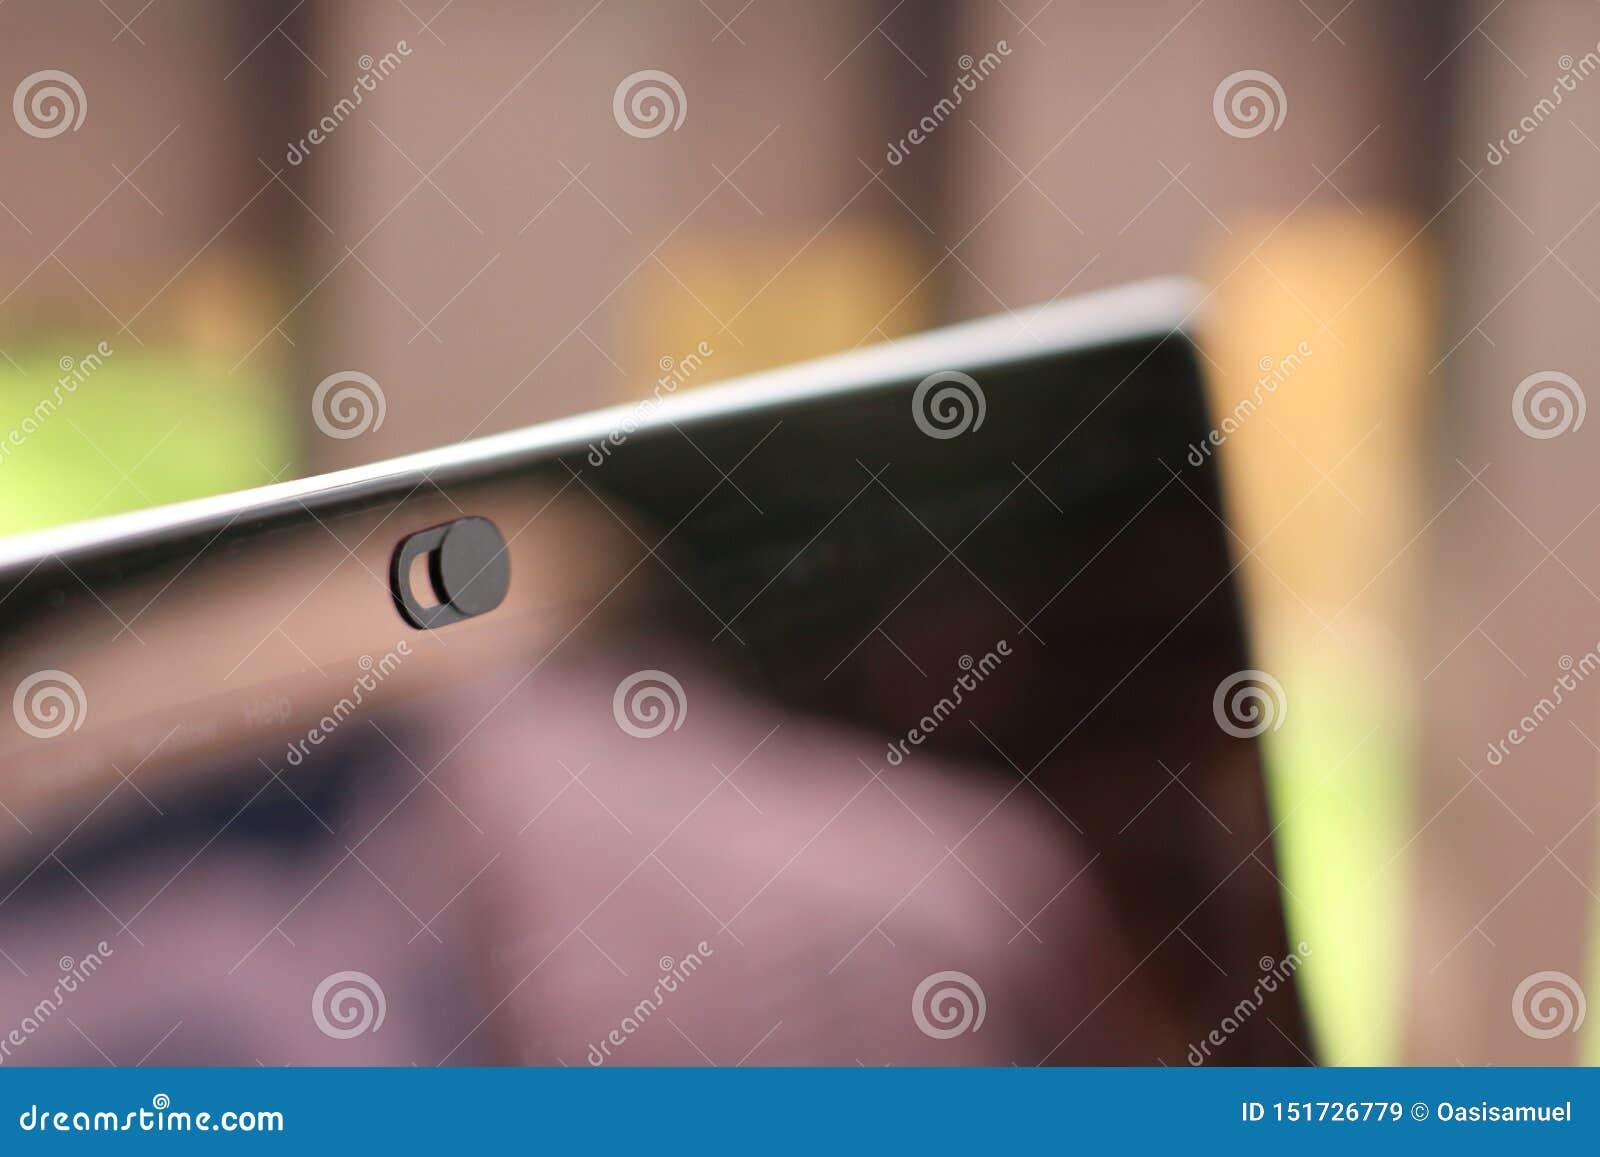 Крышка веб-камеры для ноутбука, таблицы или телефона